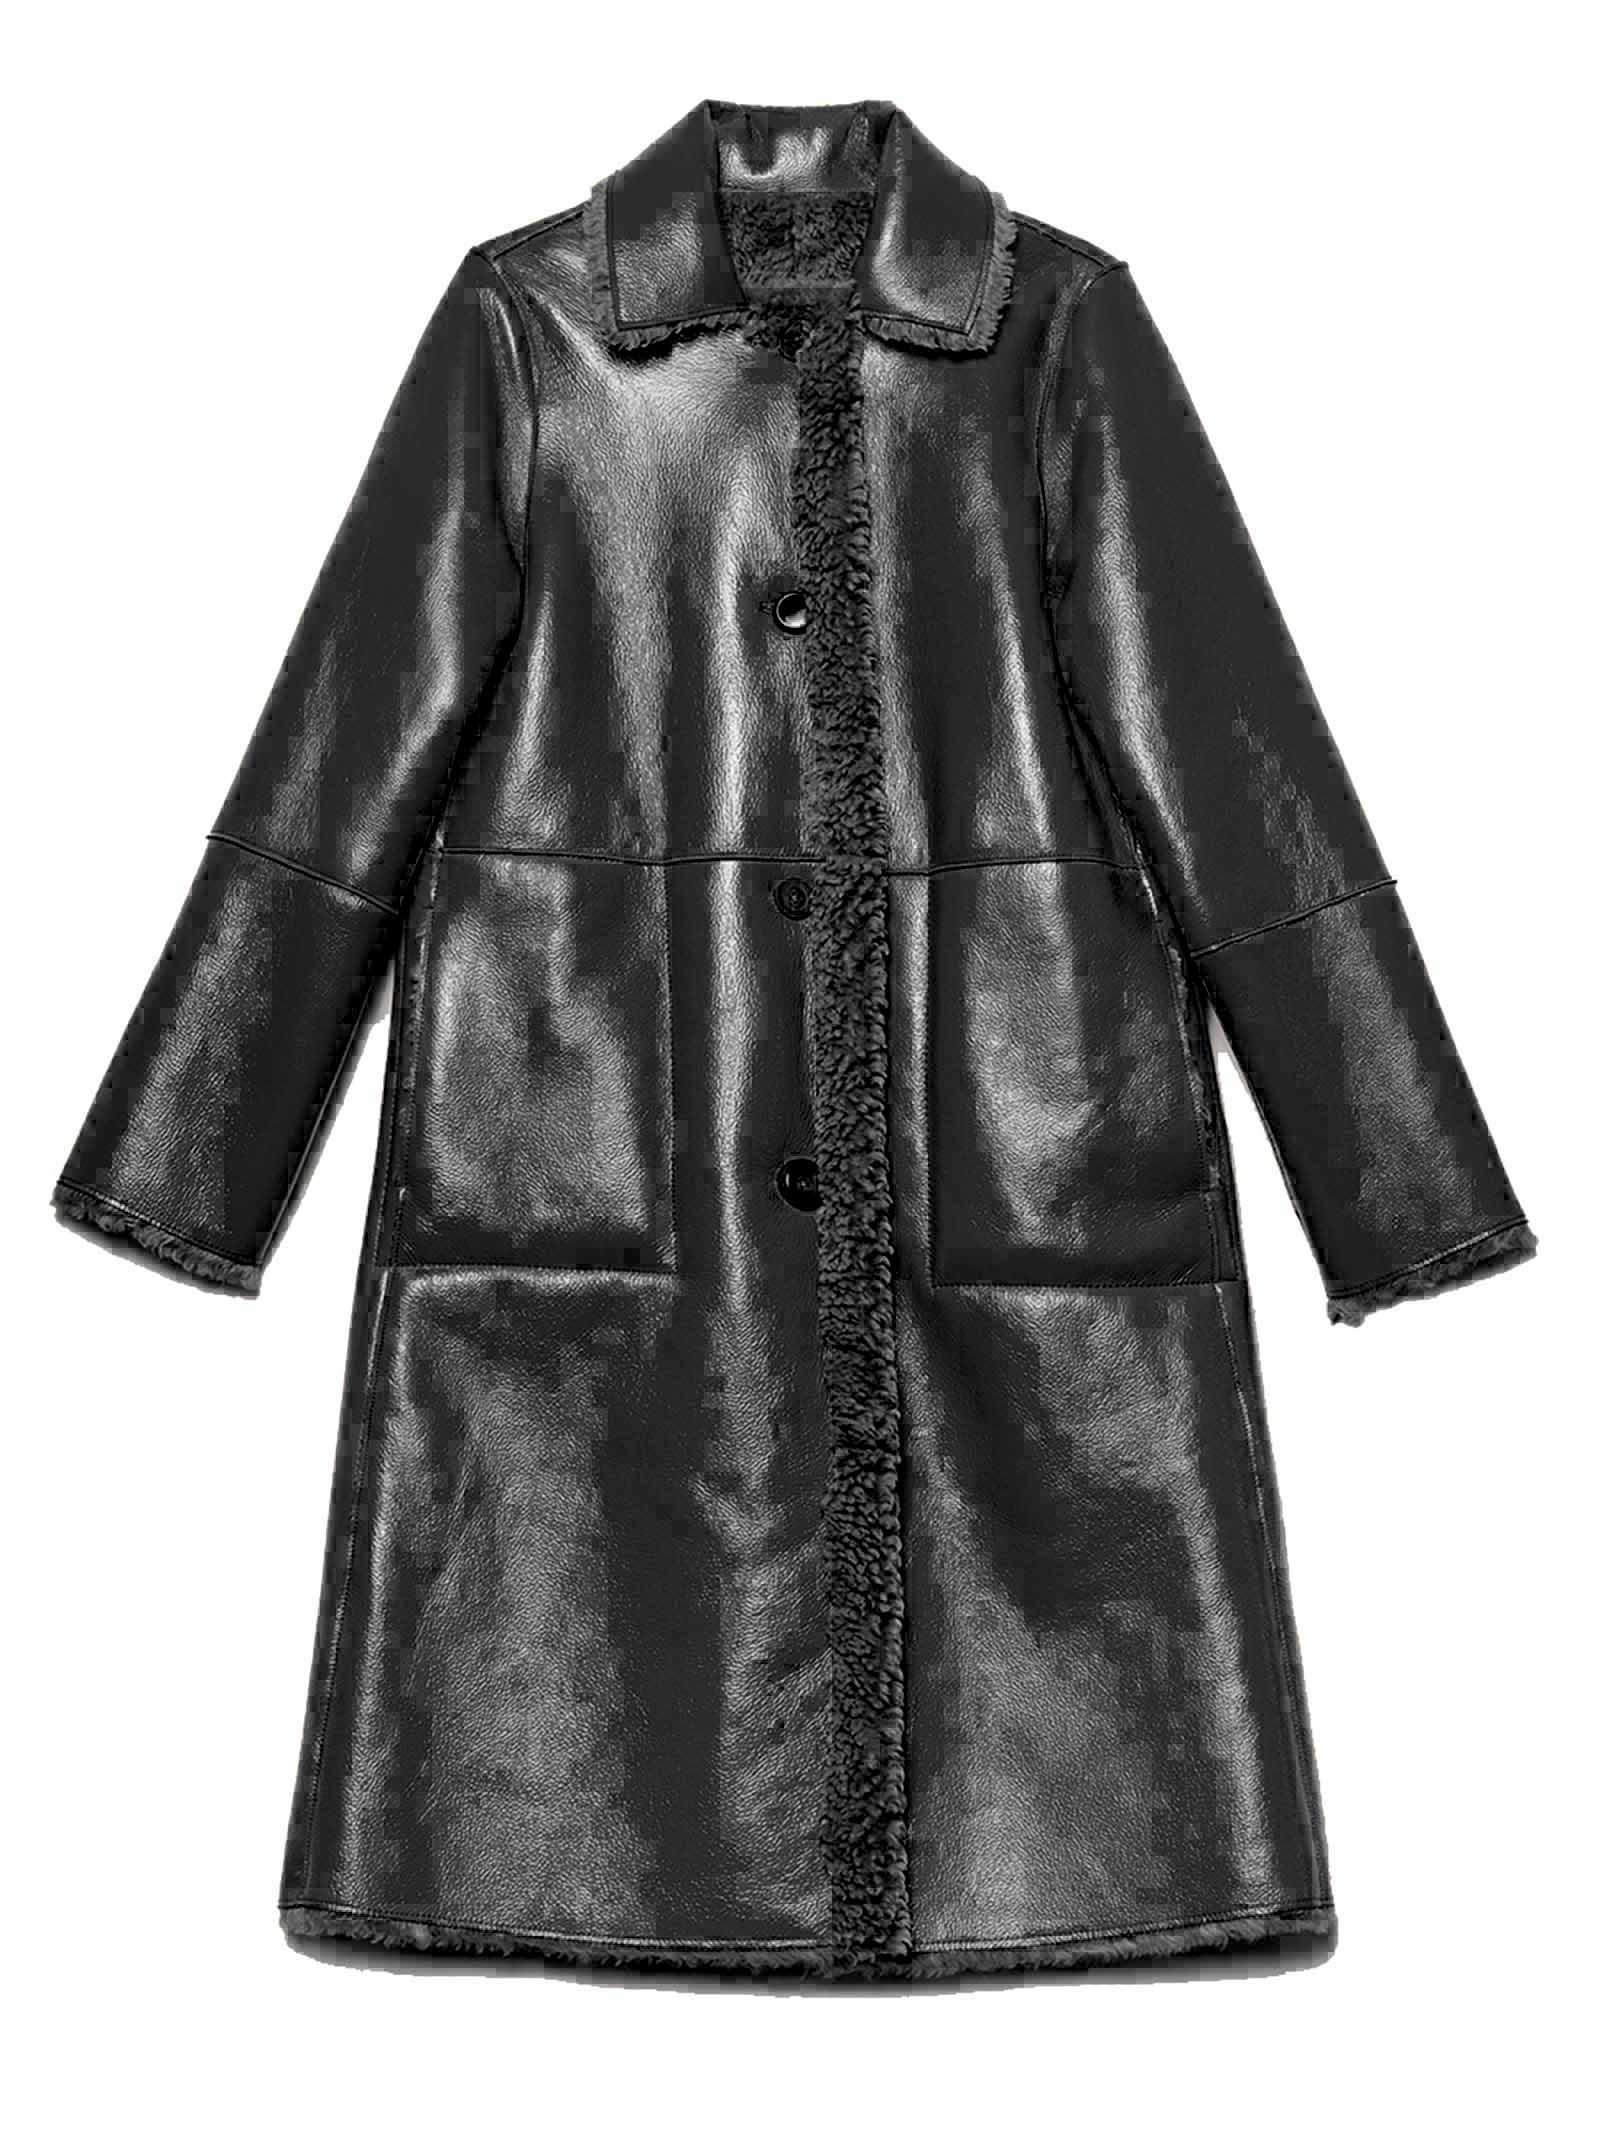 Abbigliamento Donna Cappotto Monopetto Ram Look Reversibile Nero Lucido Tono su Tono Maliparmi   Cappotti e Giacche   JB53315056320000